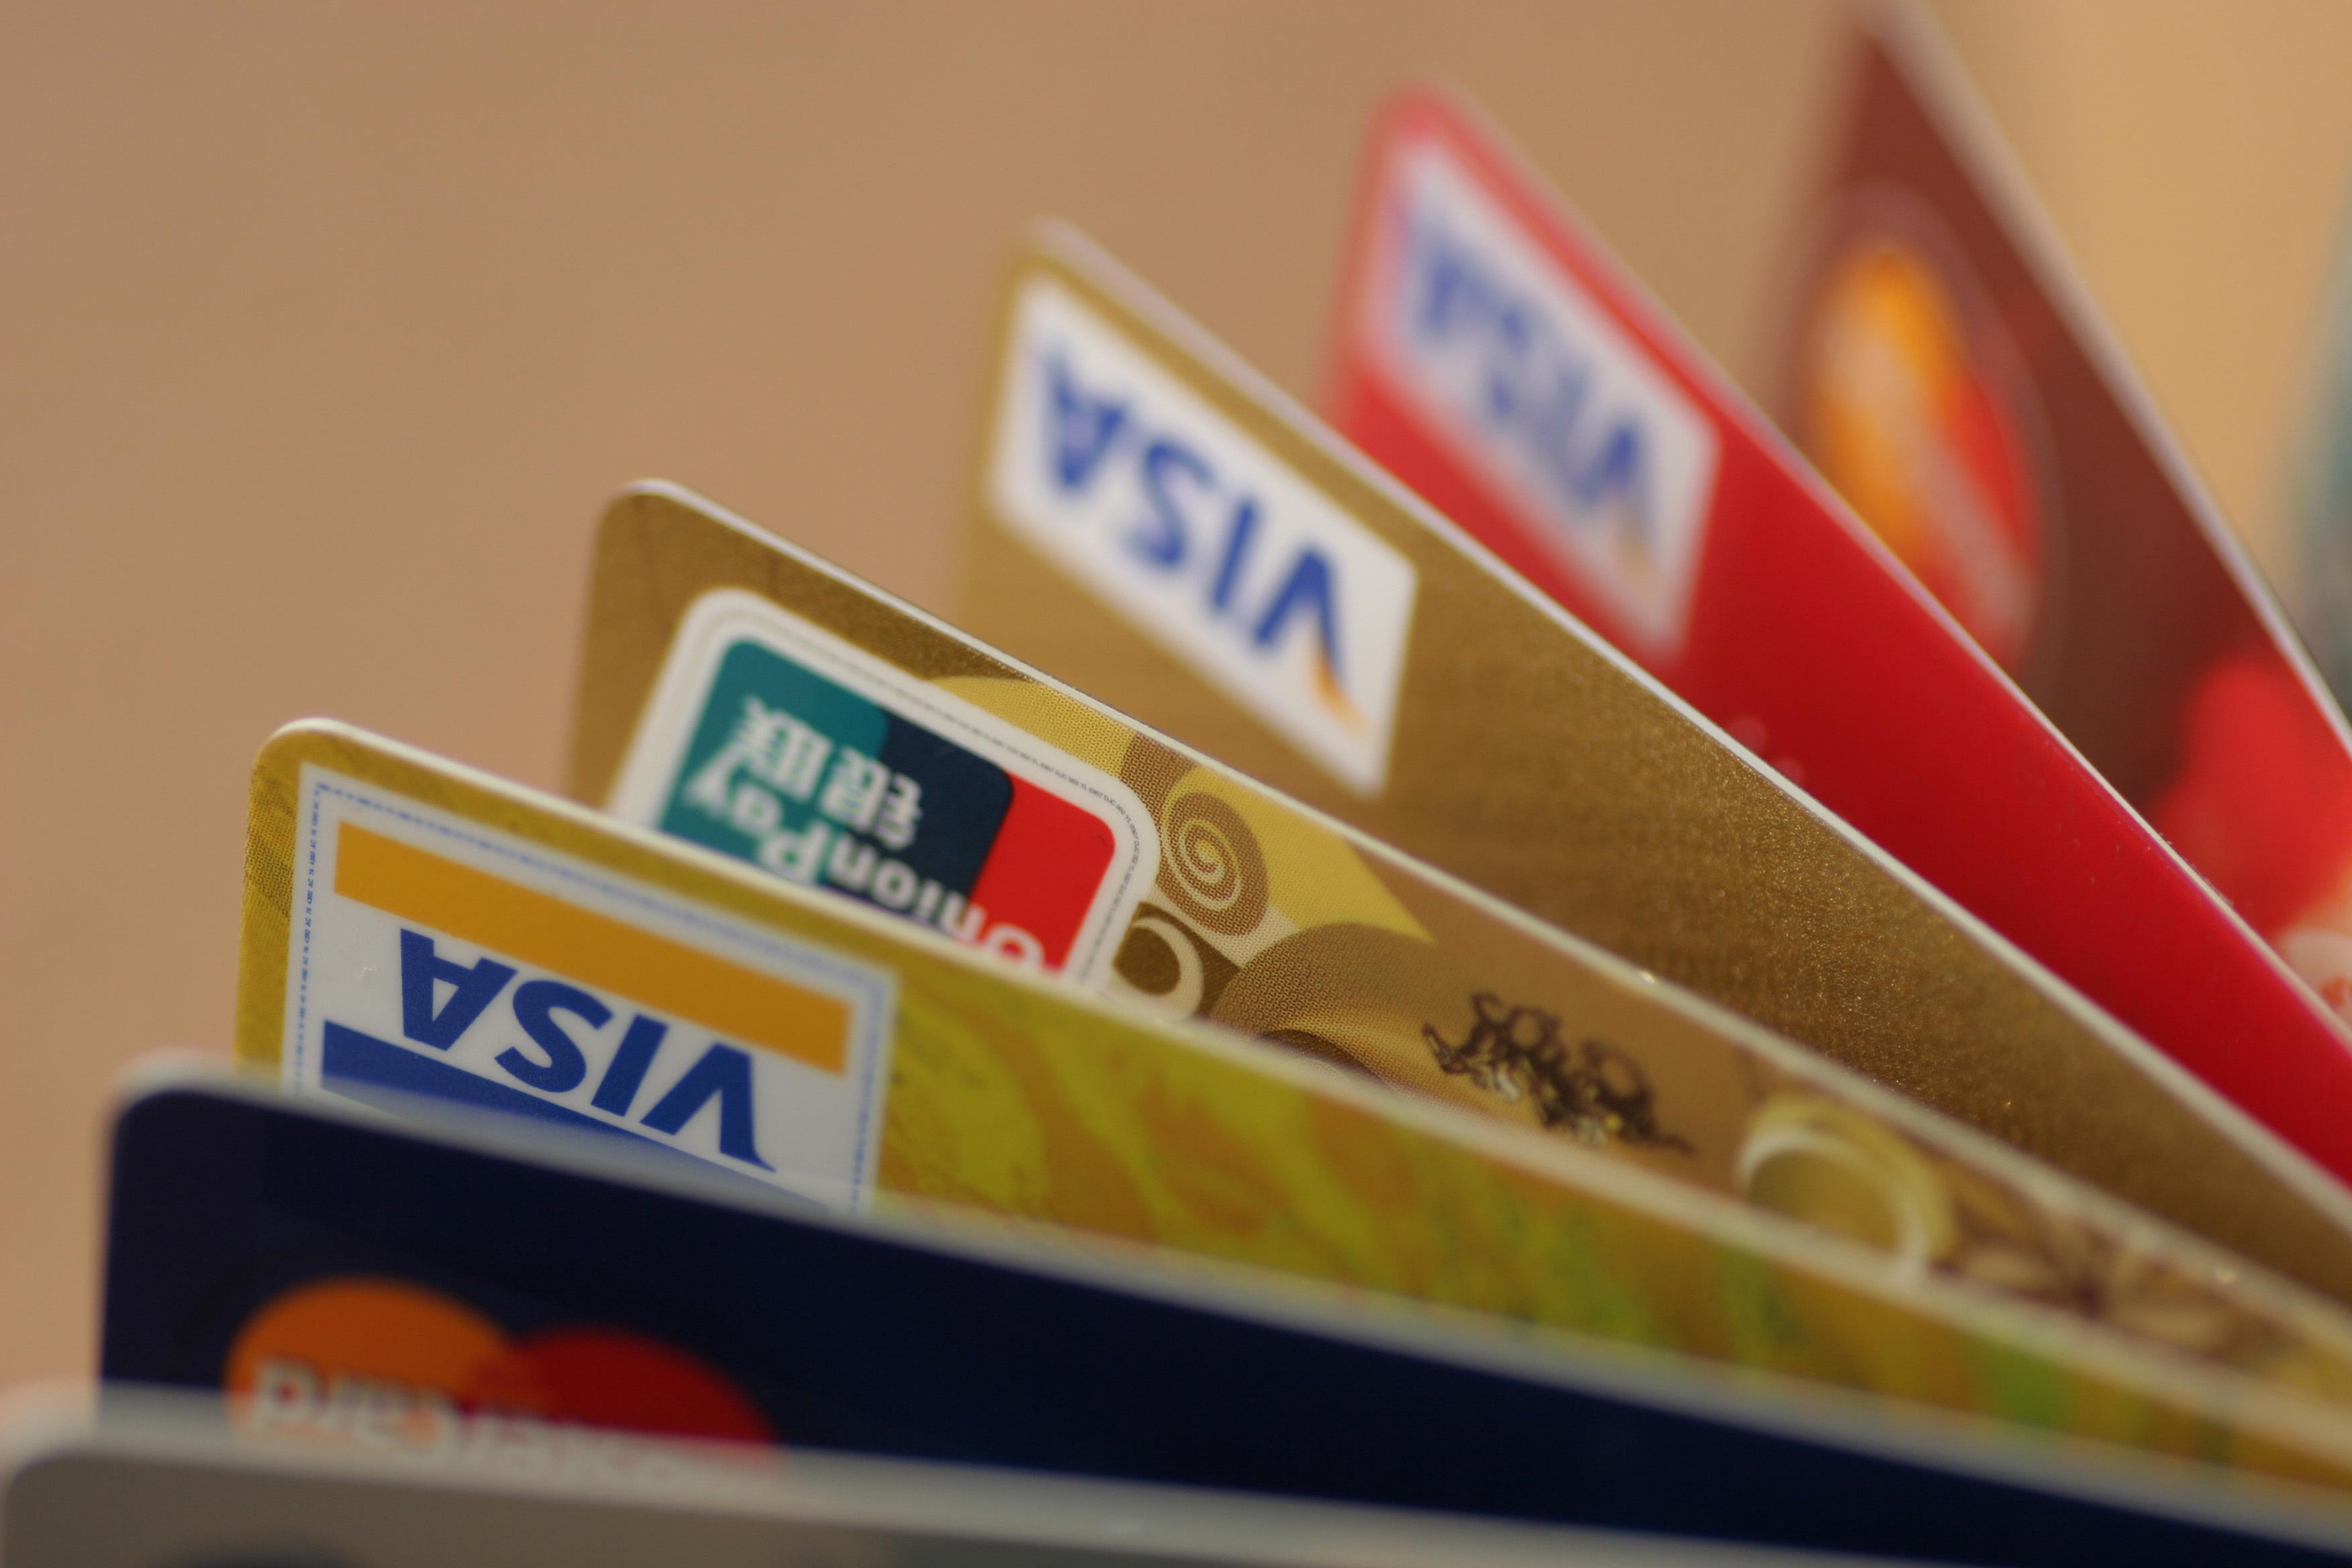 支付宝新规:支付宝还款将收0.1%手续费!只有2000元免费额度!